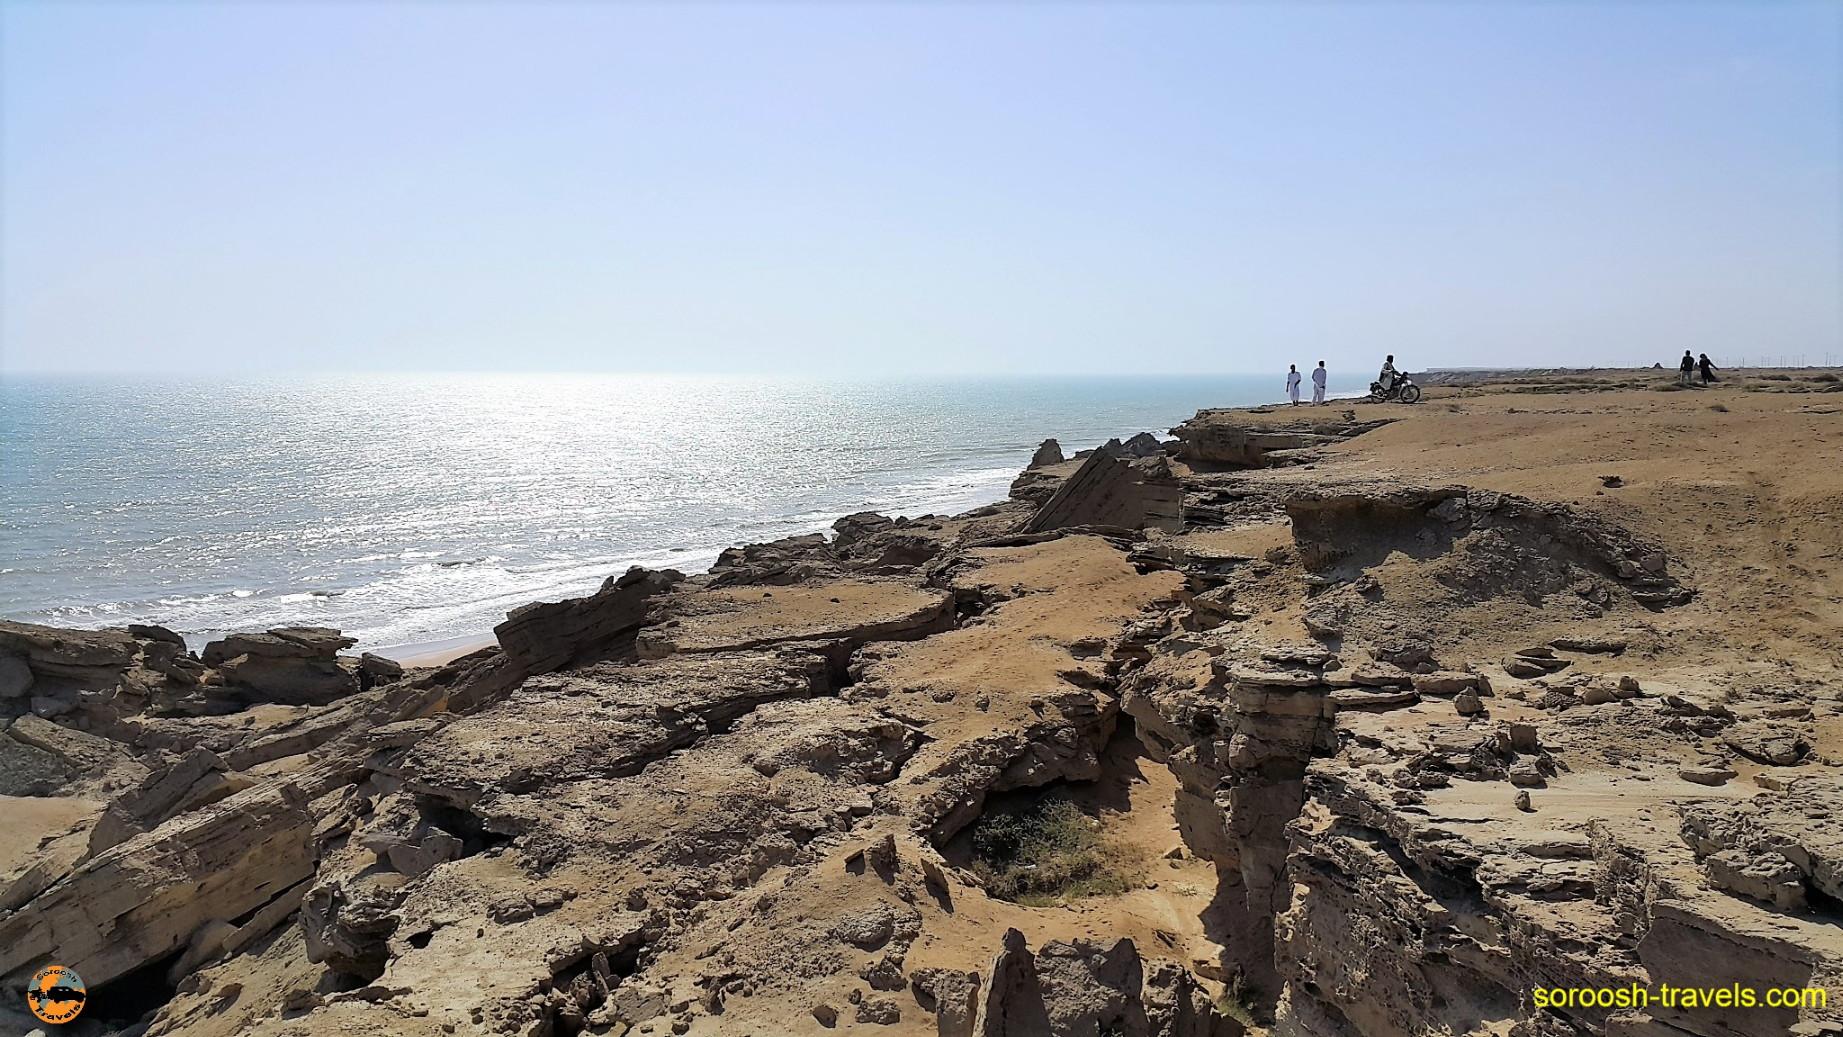 سواحل دریای عمان ، دورترین نقطه جنوب شرقی ایران - نوروز ۱۳۹۶